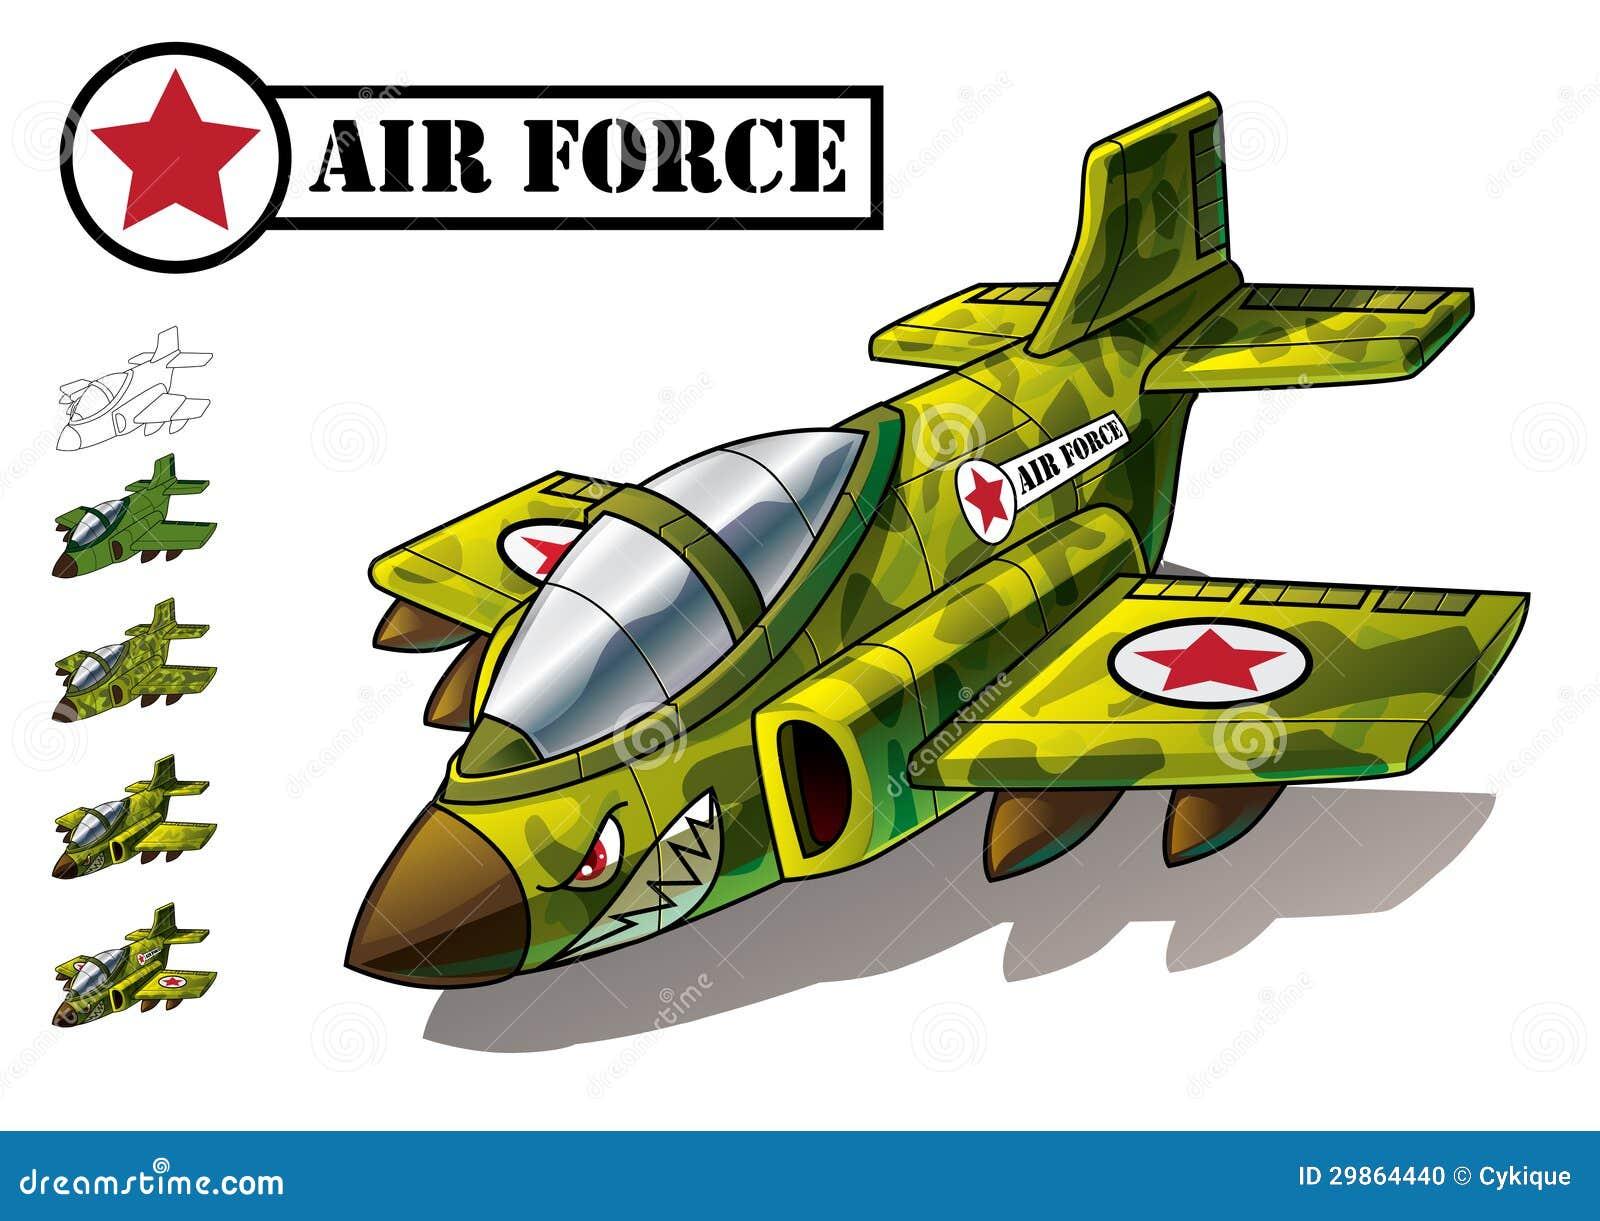 Aereo Da Caccia Disegno : Aereo da caccia dell aeronautica di vettore fotografia